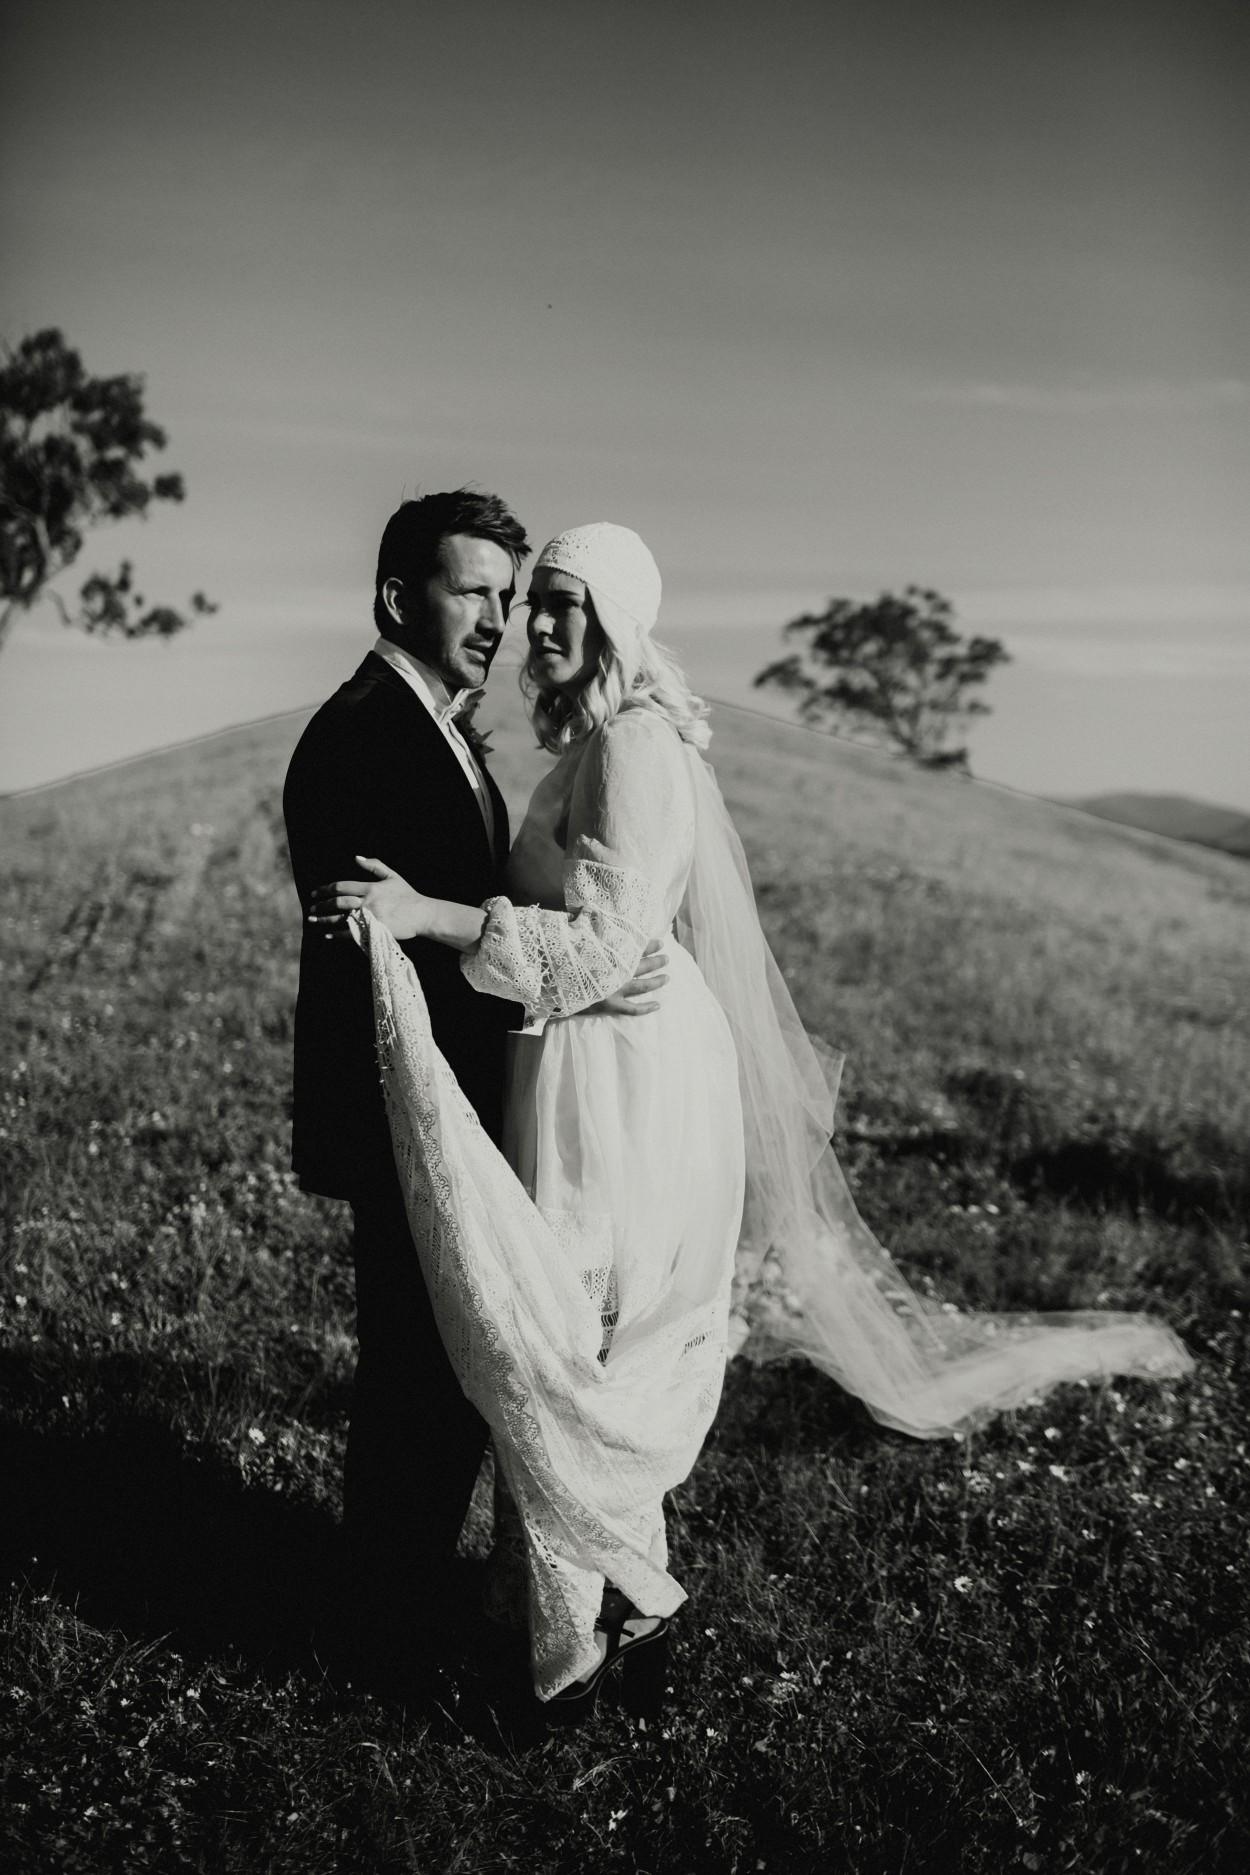 I-Got-You-Babe-Weddings-Farm-Wedding-Emma-Tim185.jpg